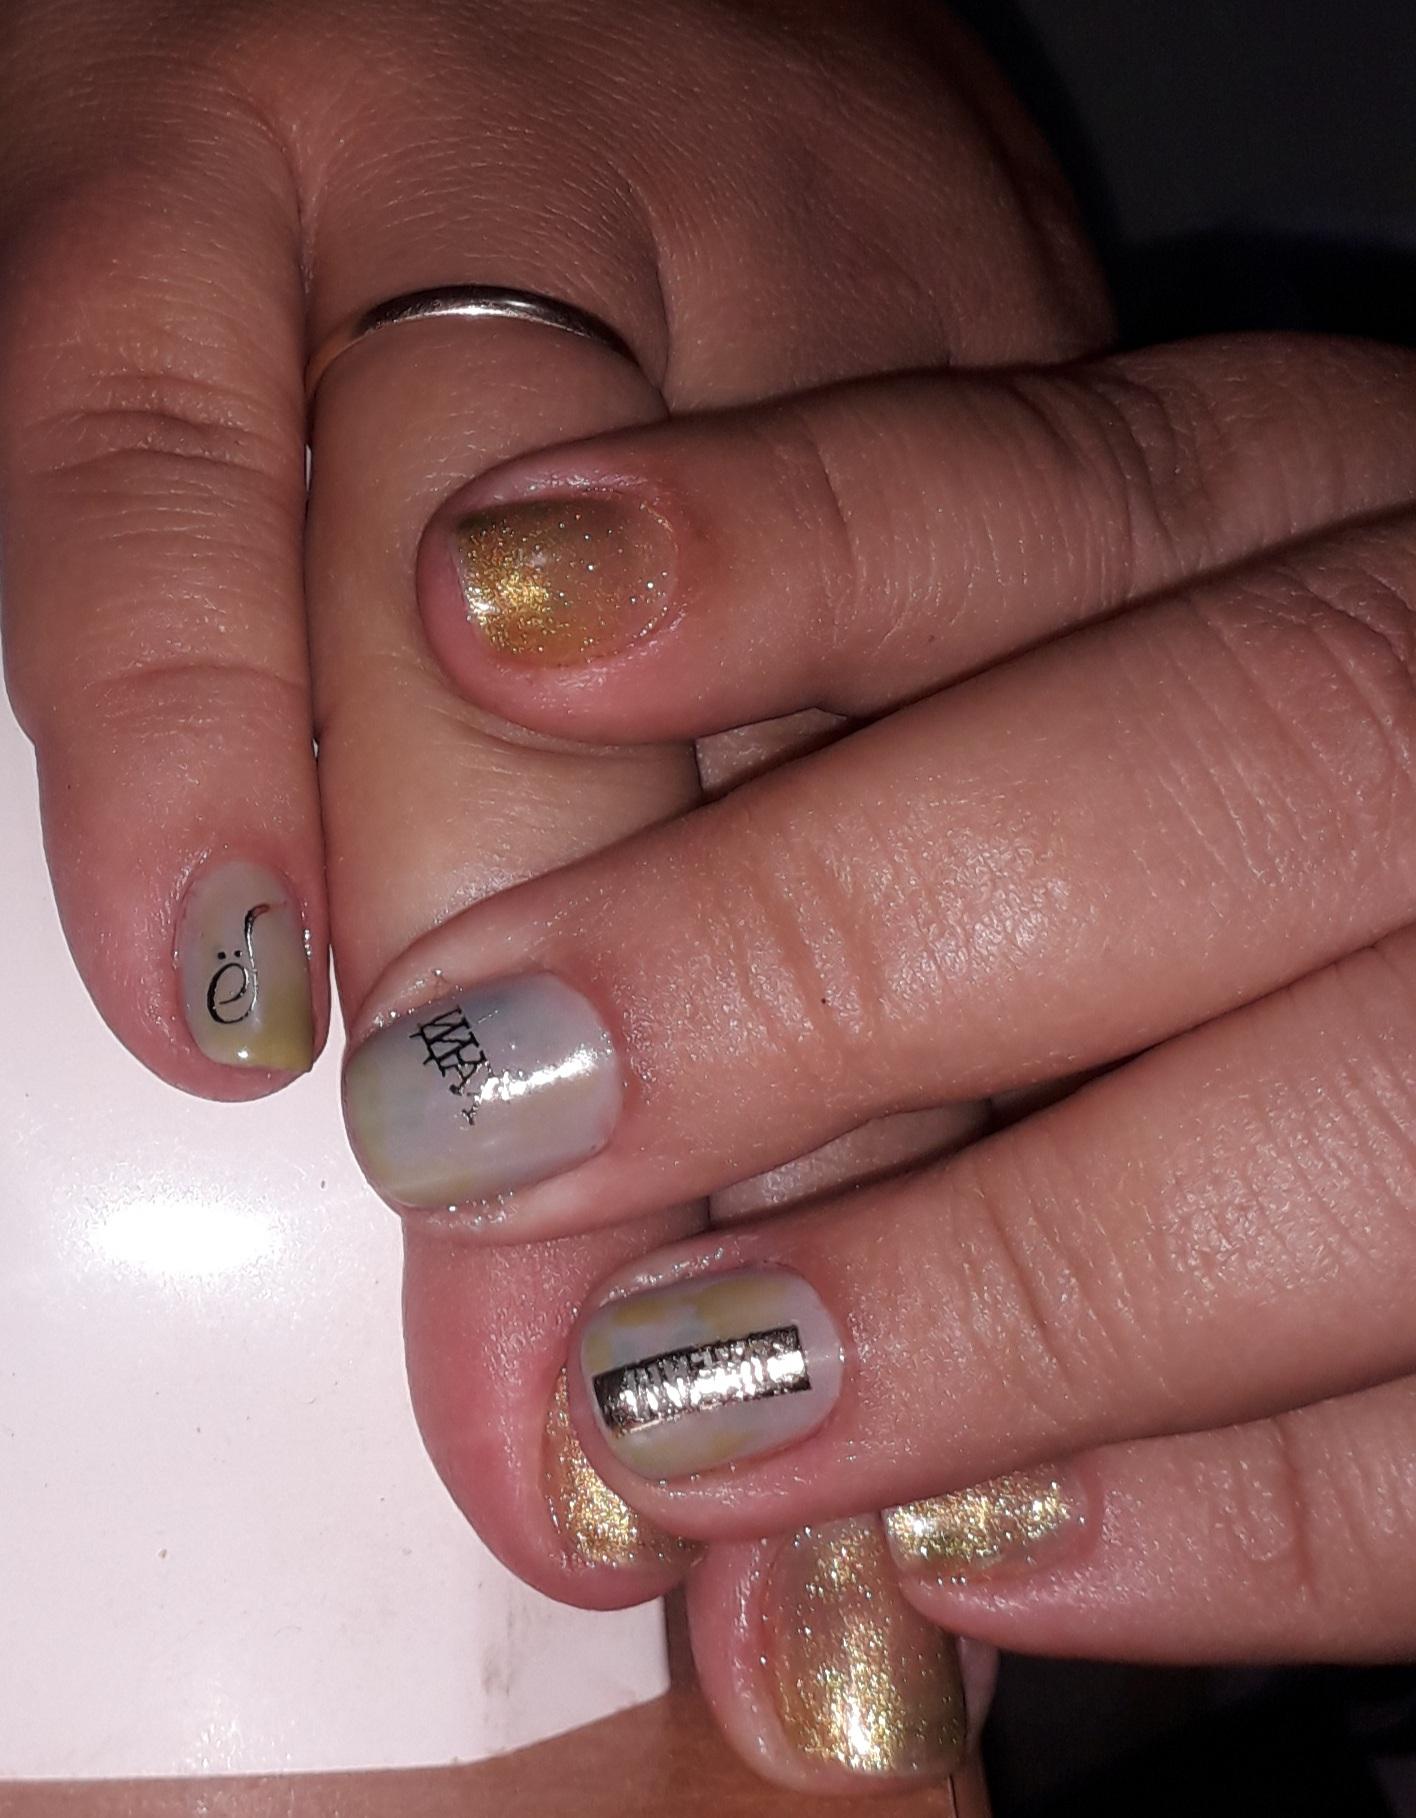 Нюдовый маникюр с надписями и золотыми блестками на короткие ногти.